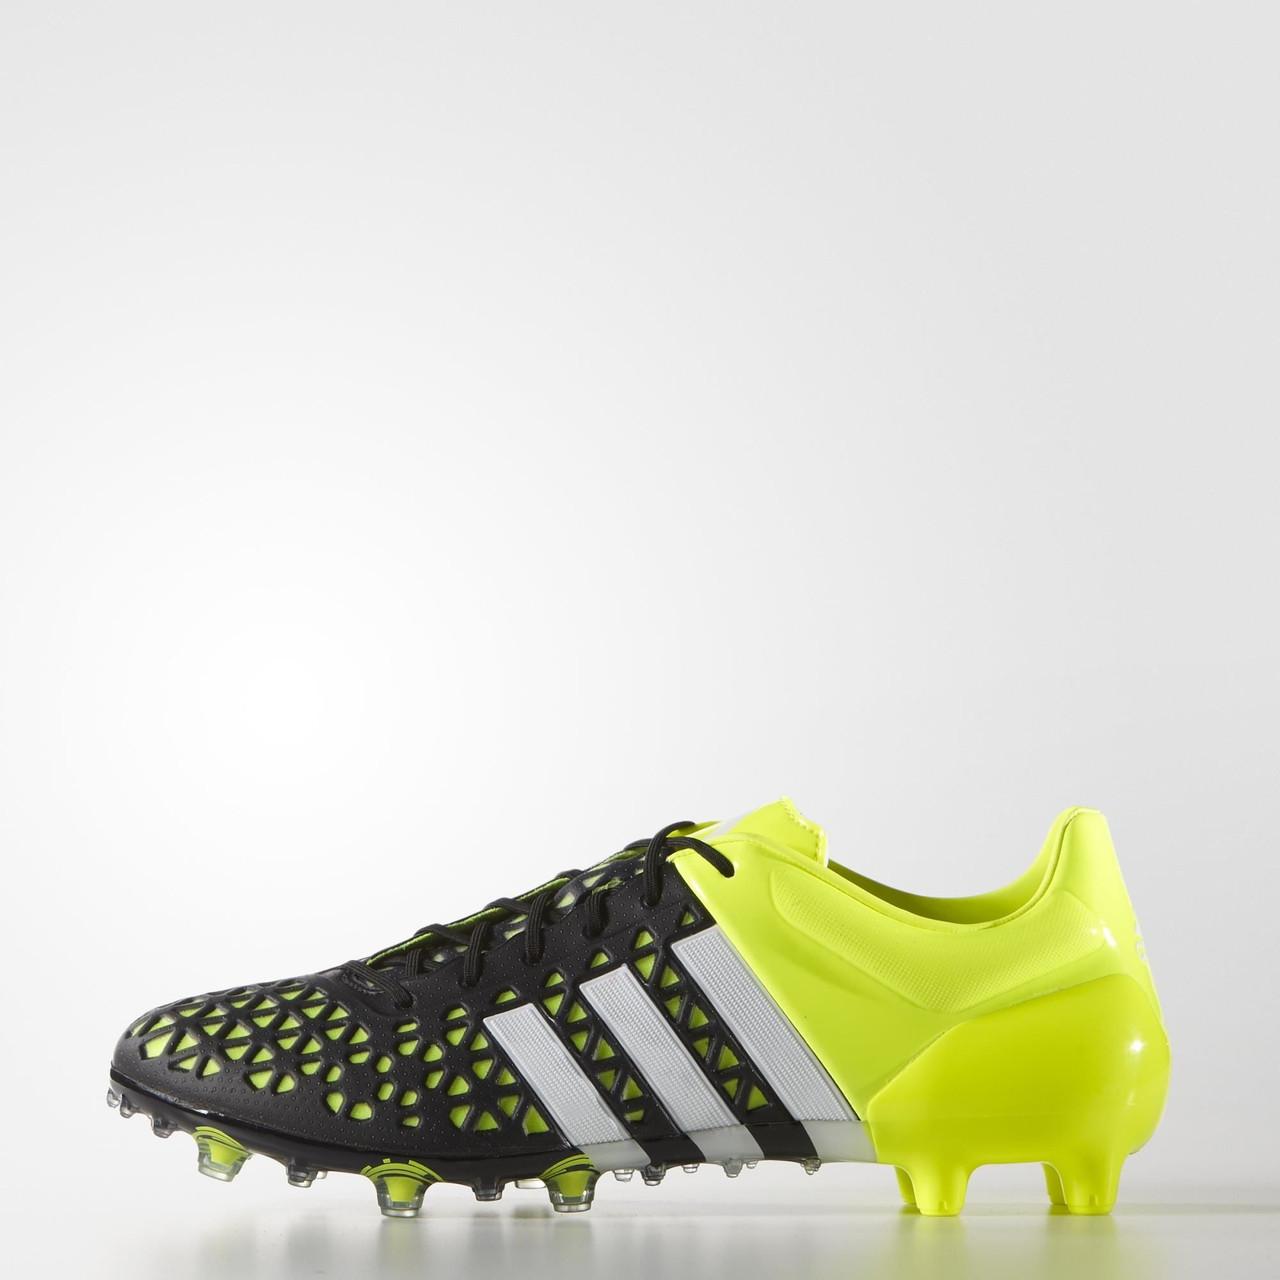 f0262629 Футбольные Бутсы Adidas ACE 15.1 FG B32857, цена 2 150 грн., купить в  Харькове — Prom.ua (ID#111030057)